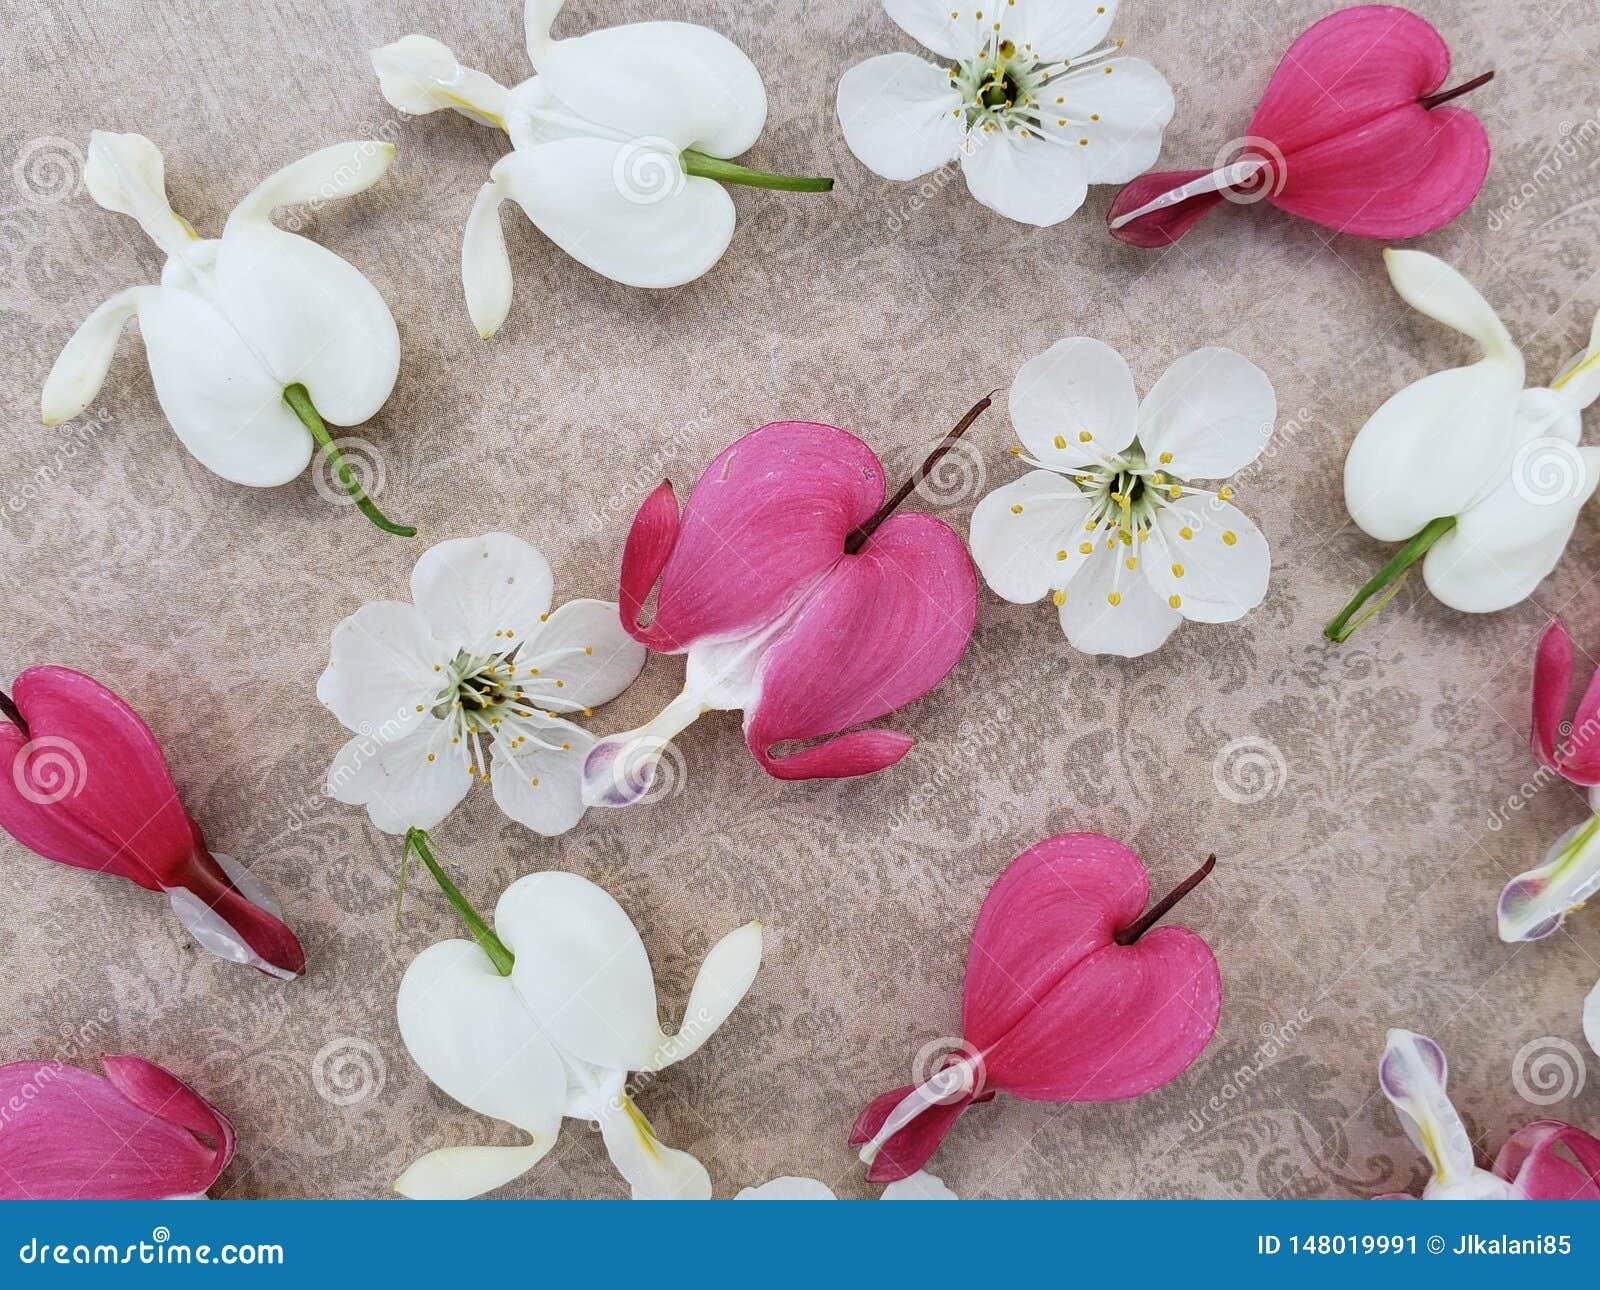 Flores del rosa y blancas del coraz?n sangrante con las flores de cerezo dispersadas en fondo rom?ntico